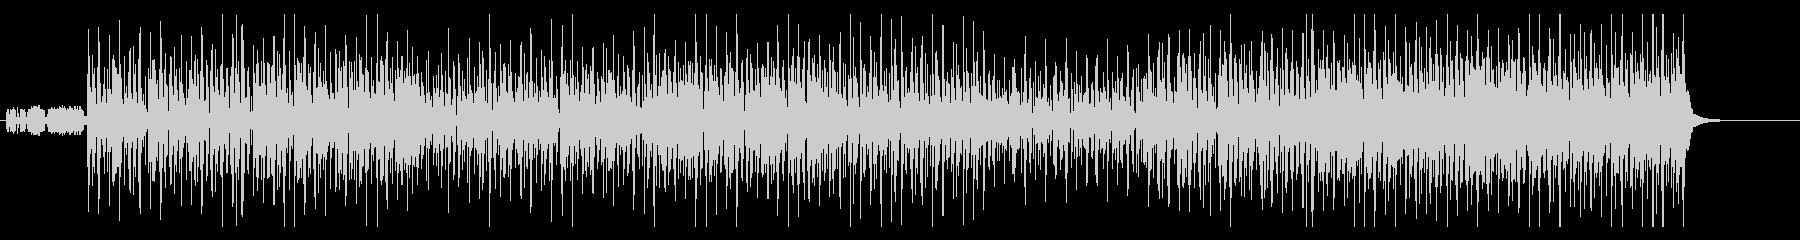 ジングルベル 和テイストの未再生の波形